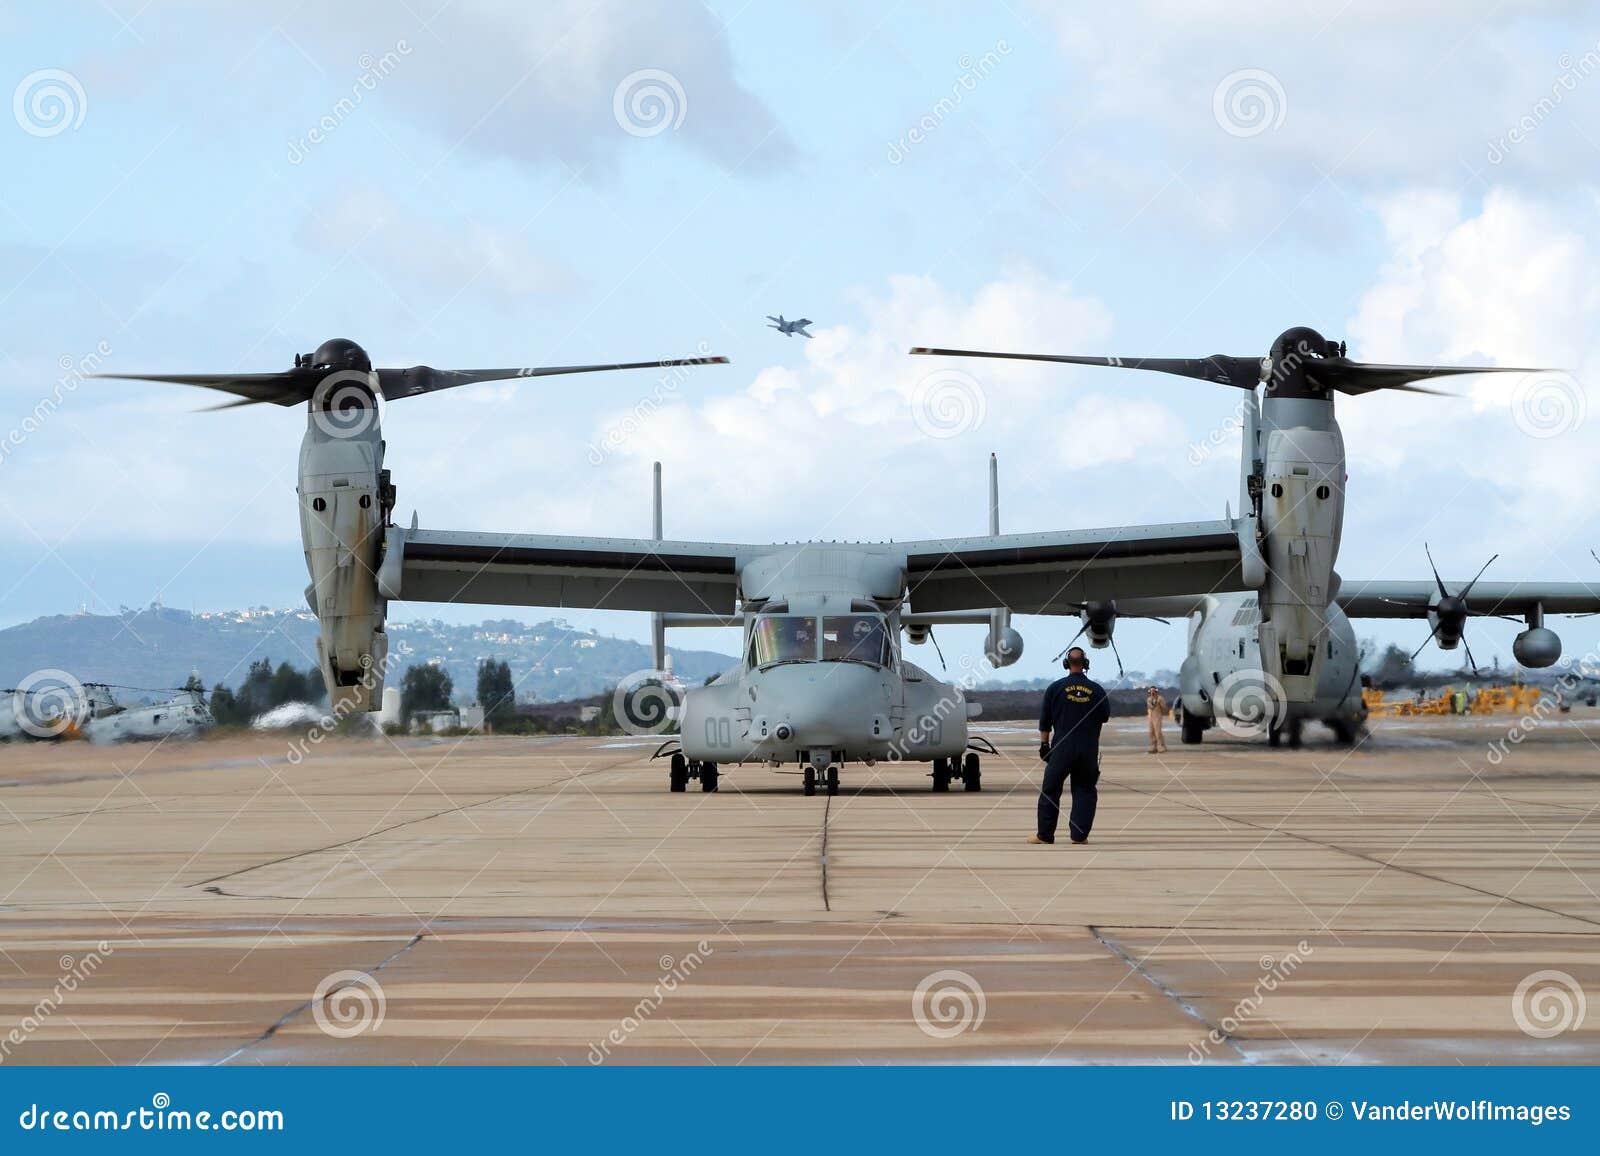 MarinenMV-22 Osprey